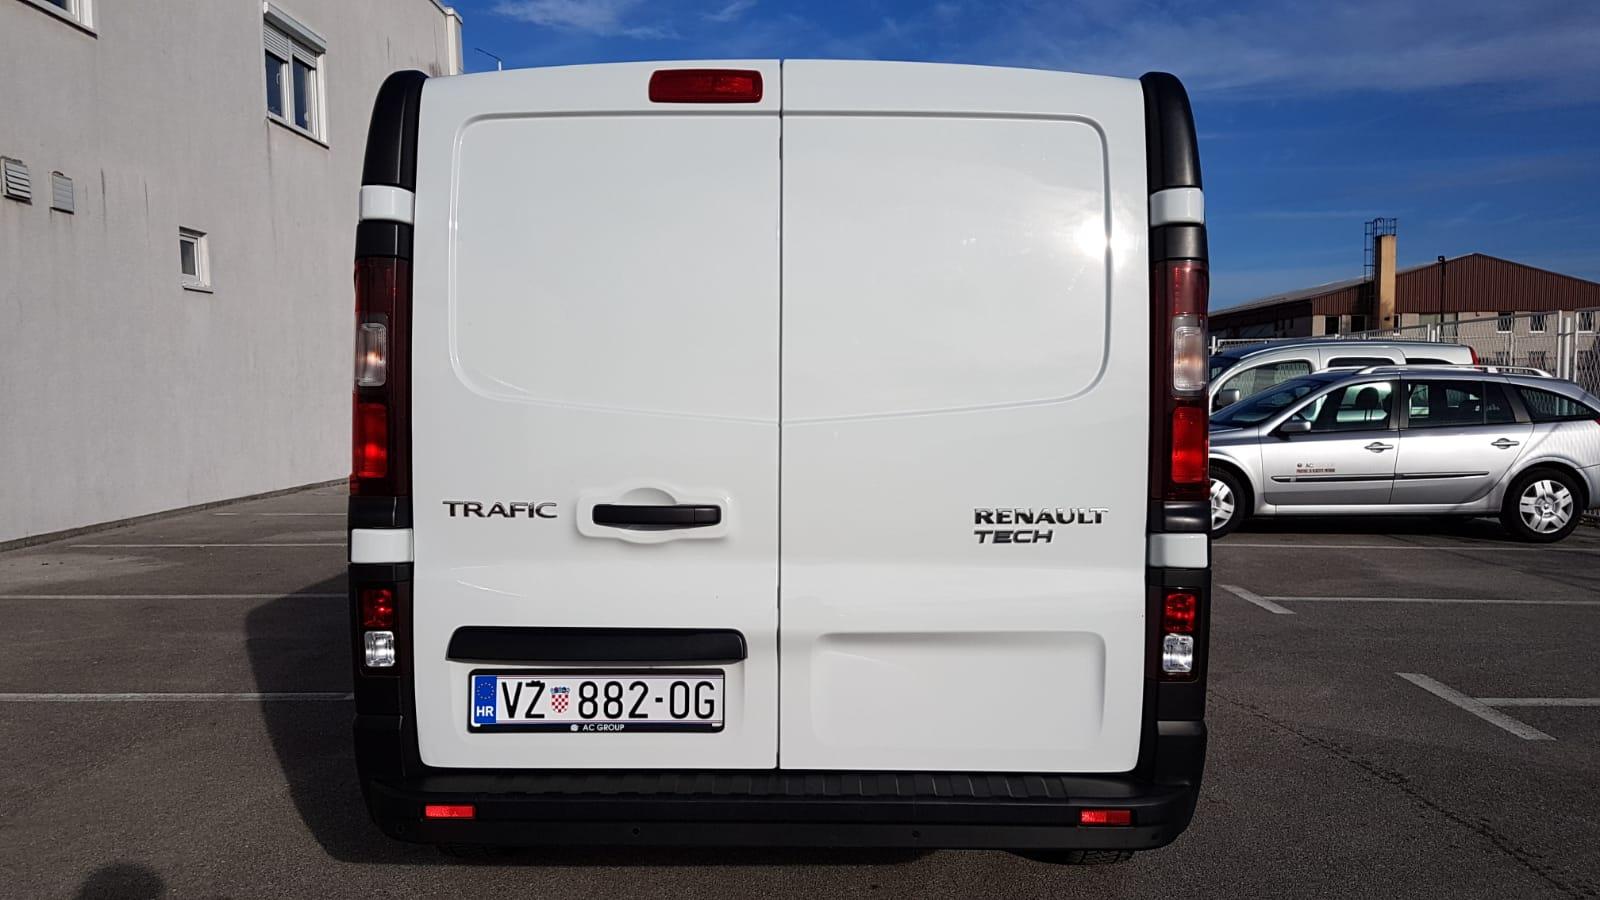 Renault Trafic (VŽ-882-OG) 3